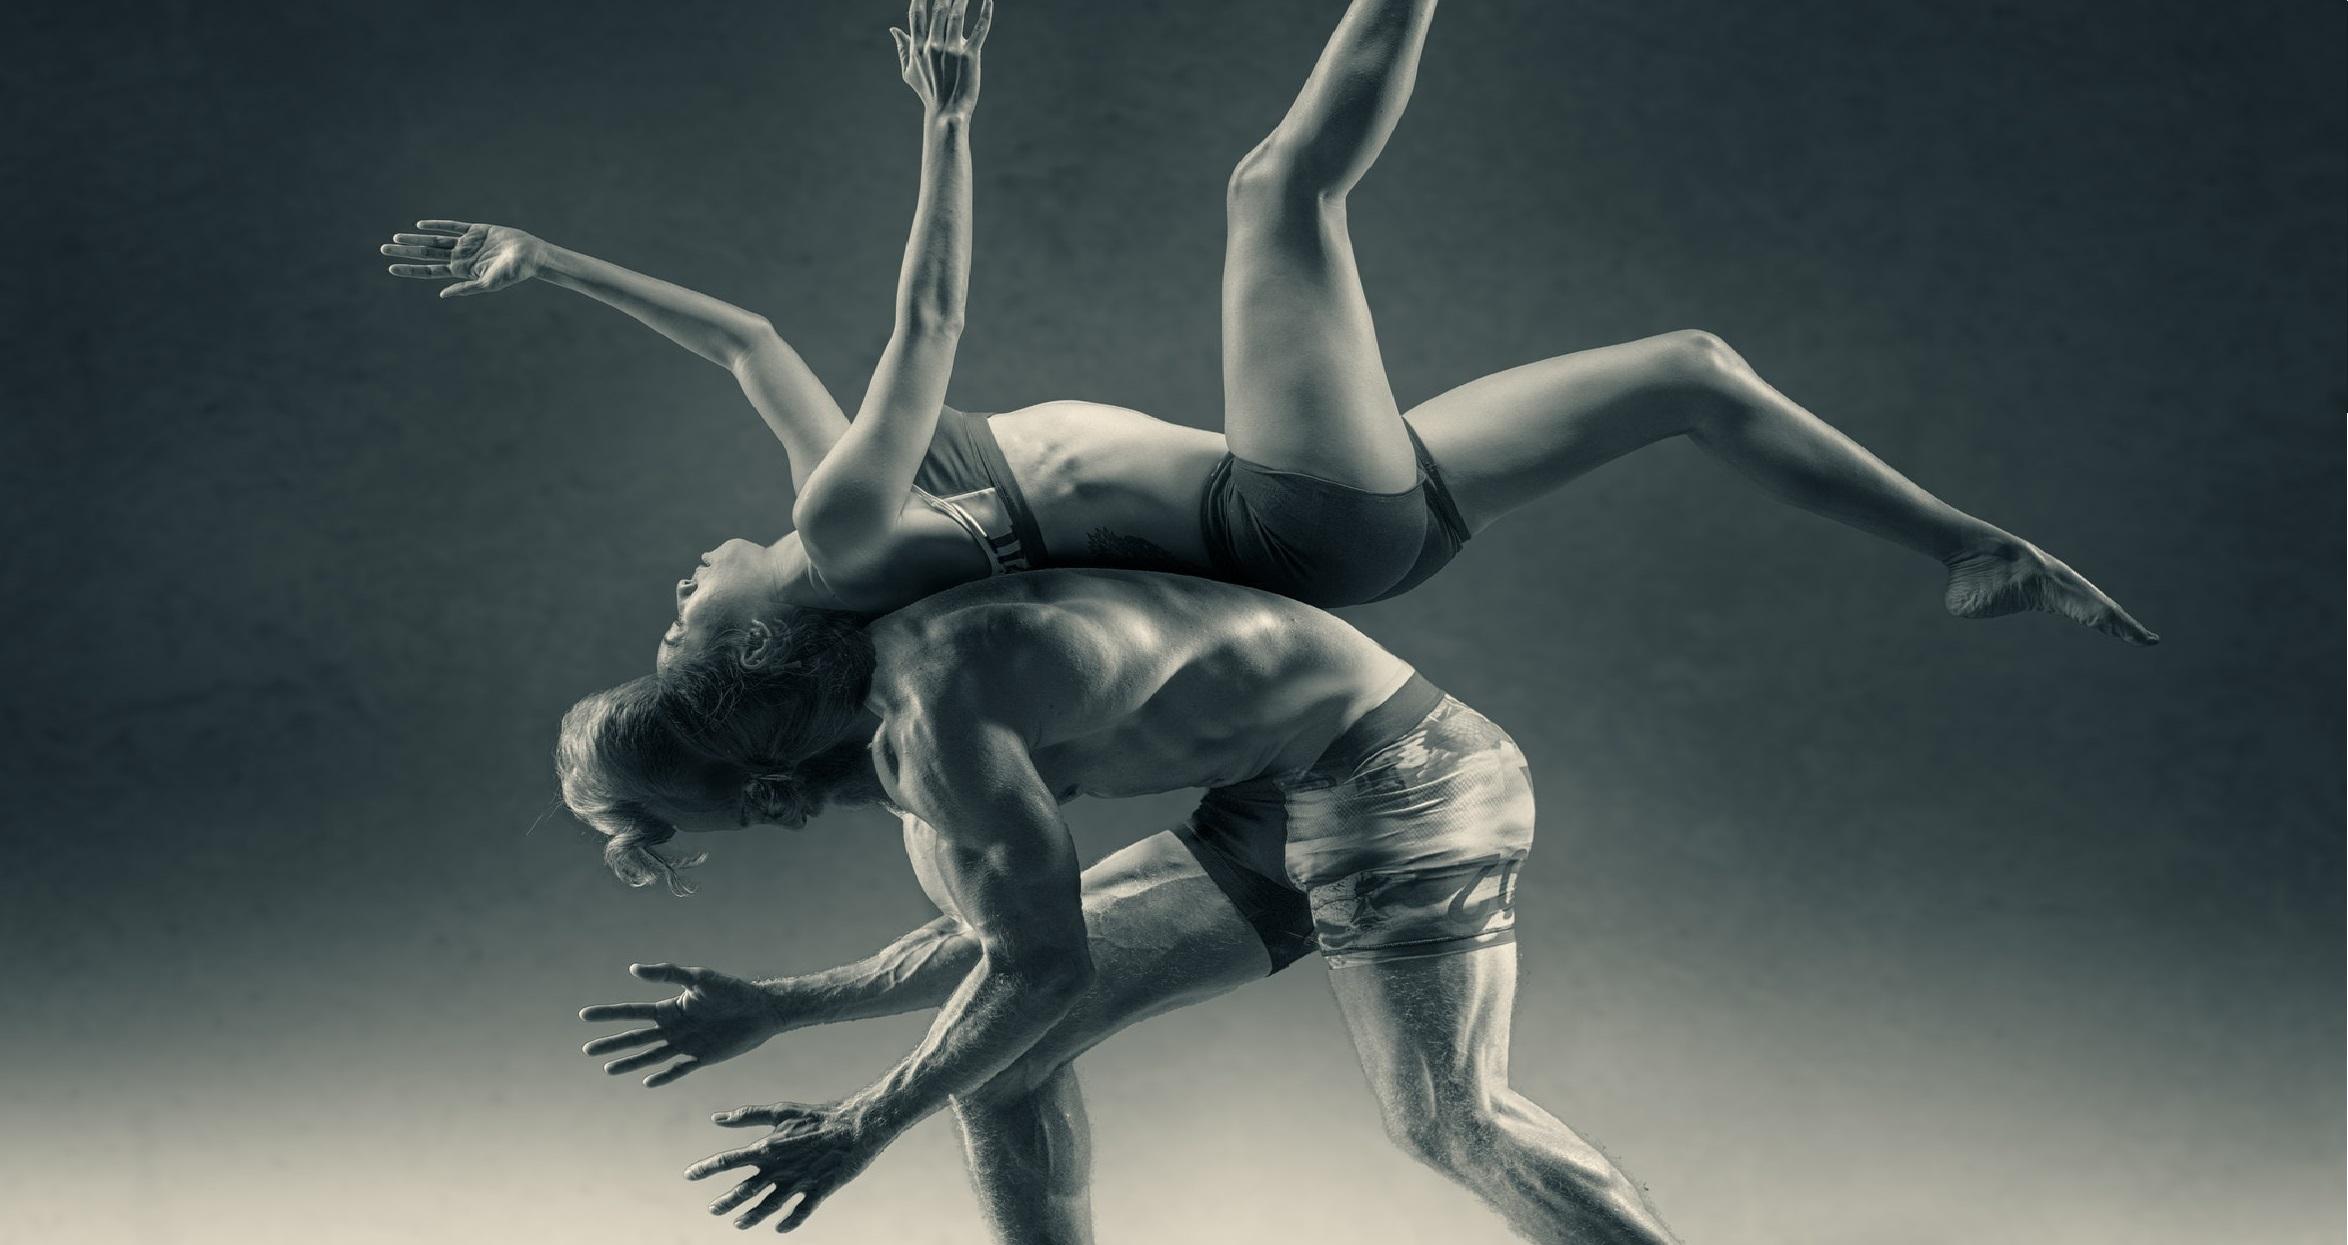 El cuerpo humano es una máquina compleja y sofisticada. Aprende de biología, fisiología y anatomía.